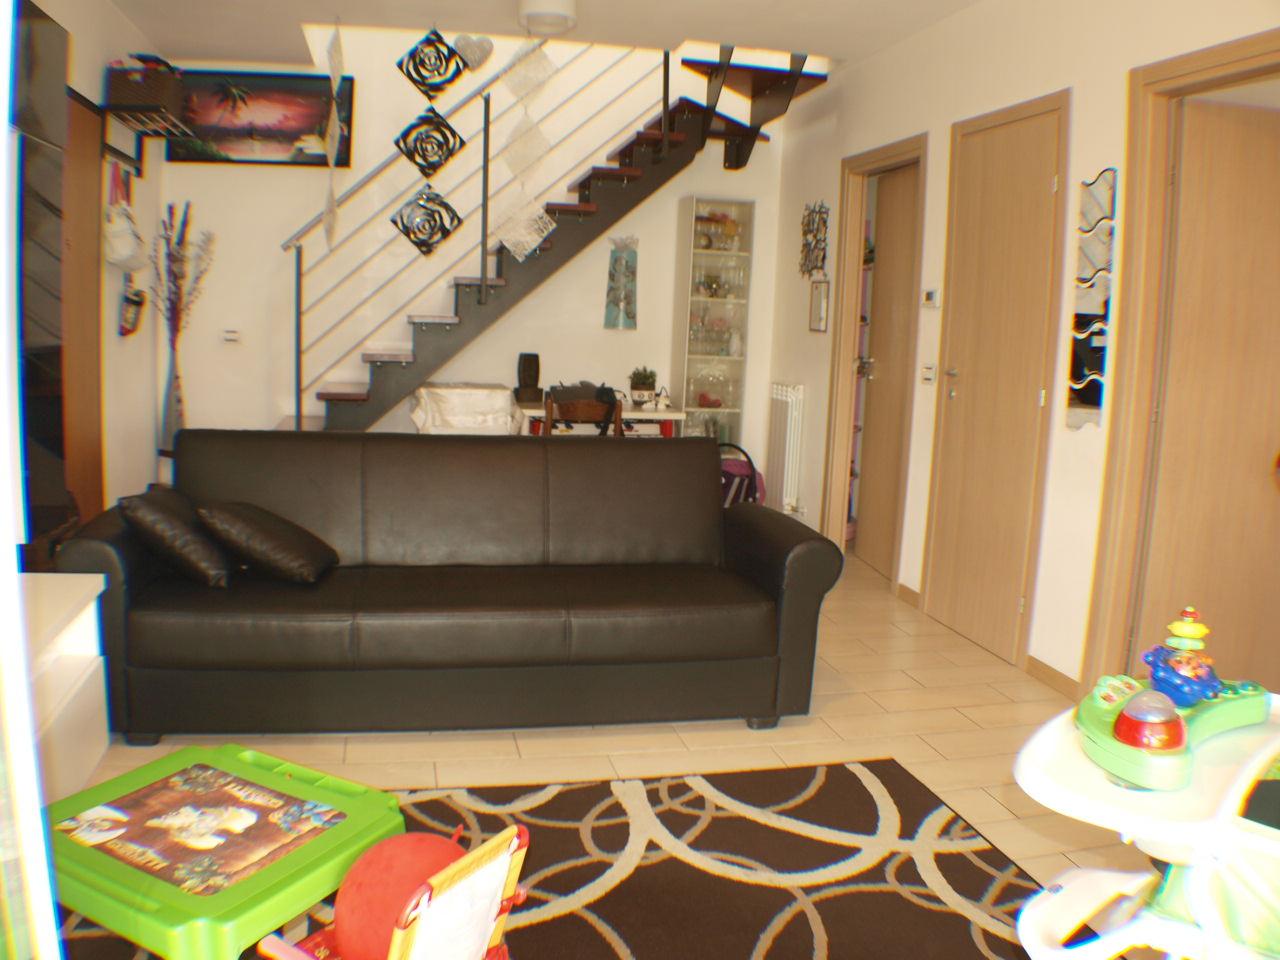 Casa Indipendente vendita SENIGALLIA (AN) - 99 LOCALI - 105 MQ